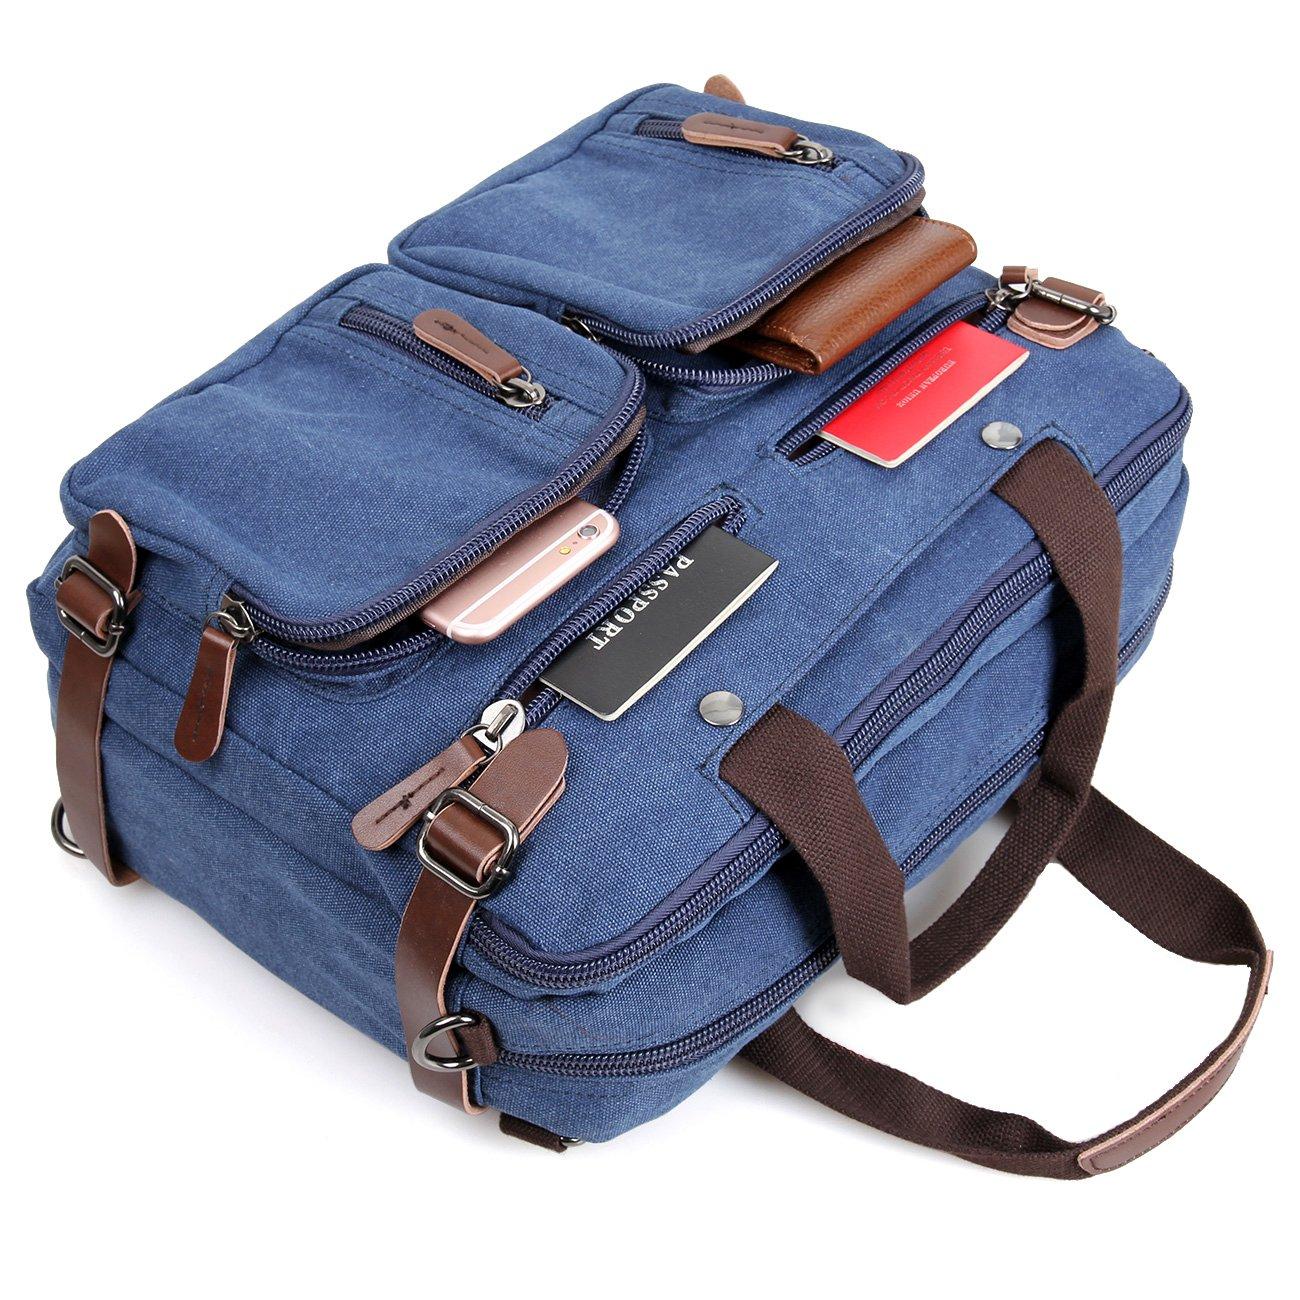 Clean Vintage Laptop Bag Hybrid Backpack Messenger Bag/Convertible Briefcase Backpack Satchel for Men Women- BookBag Rucksack Daypack-Waxed Canvas Leather, Blue by Clean Vintage (Image #7)